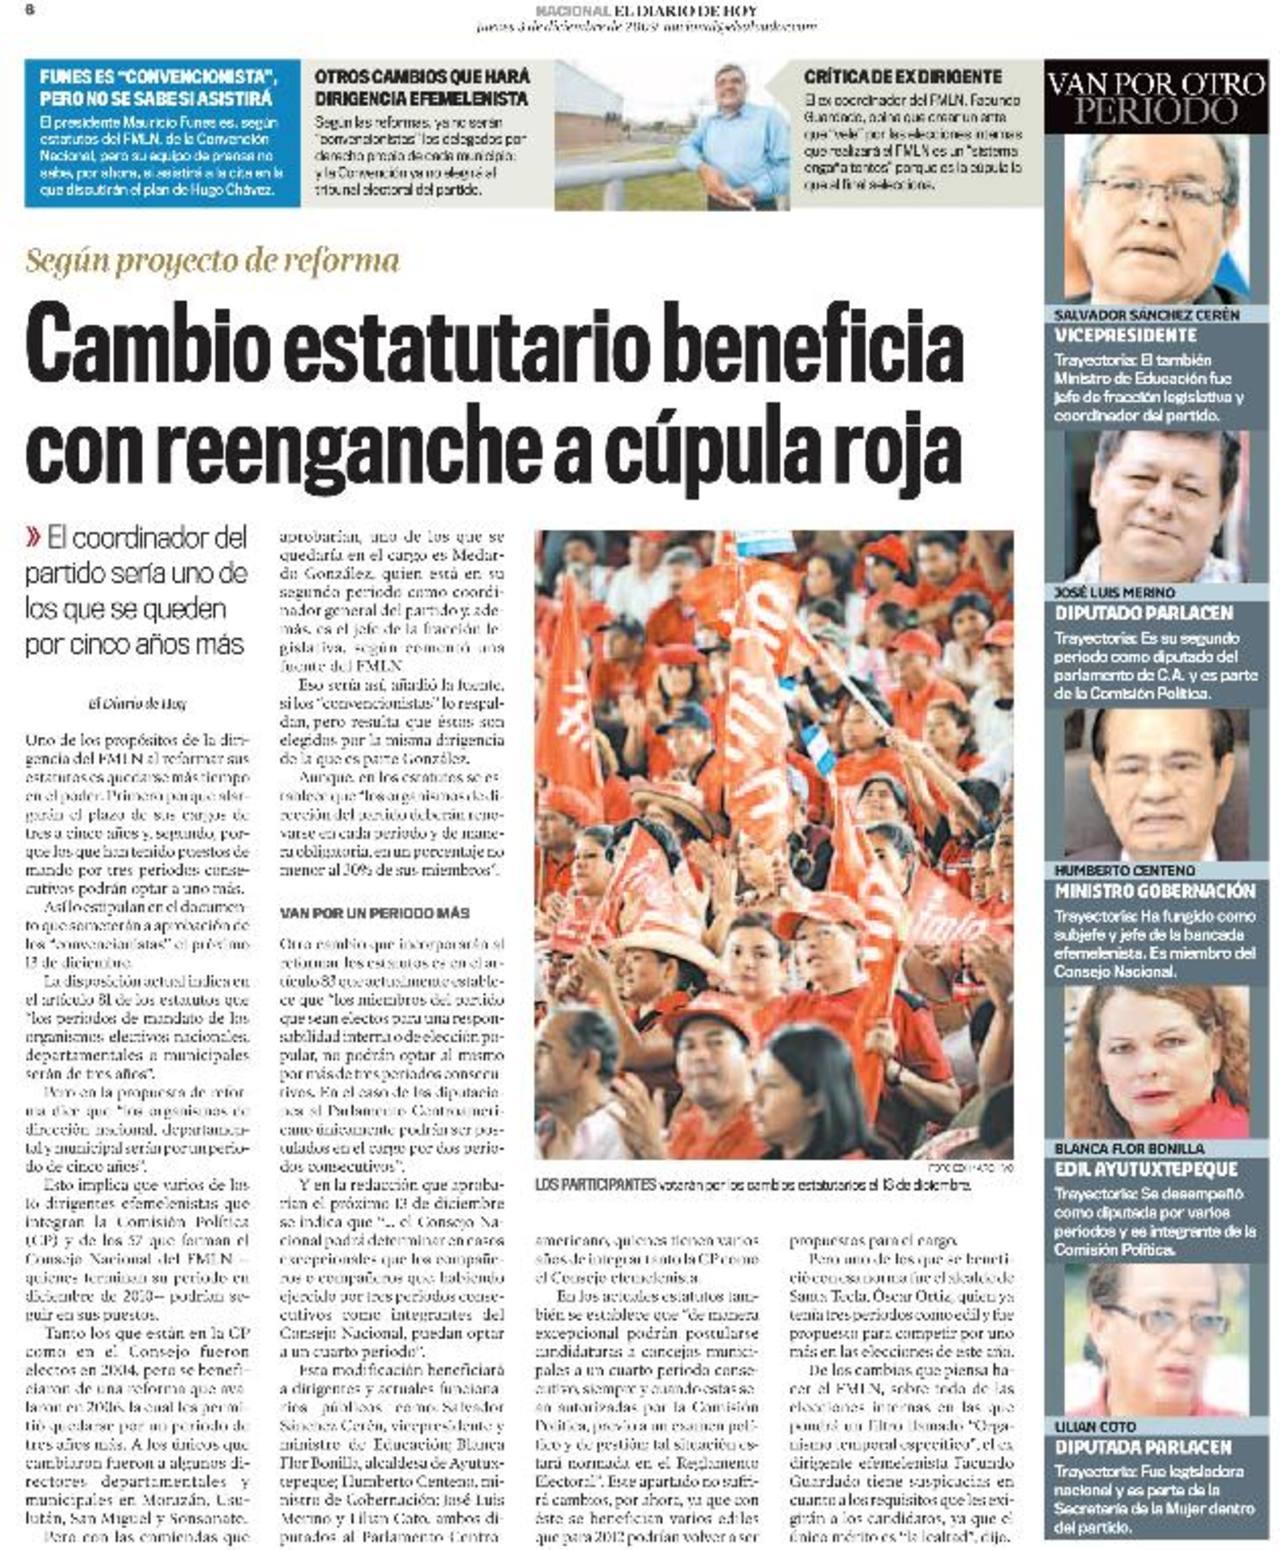 FMLN reformará estatutos para reenganchar a su misma dirigencia